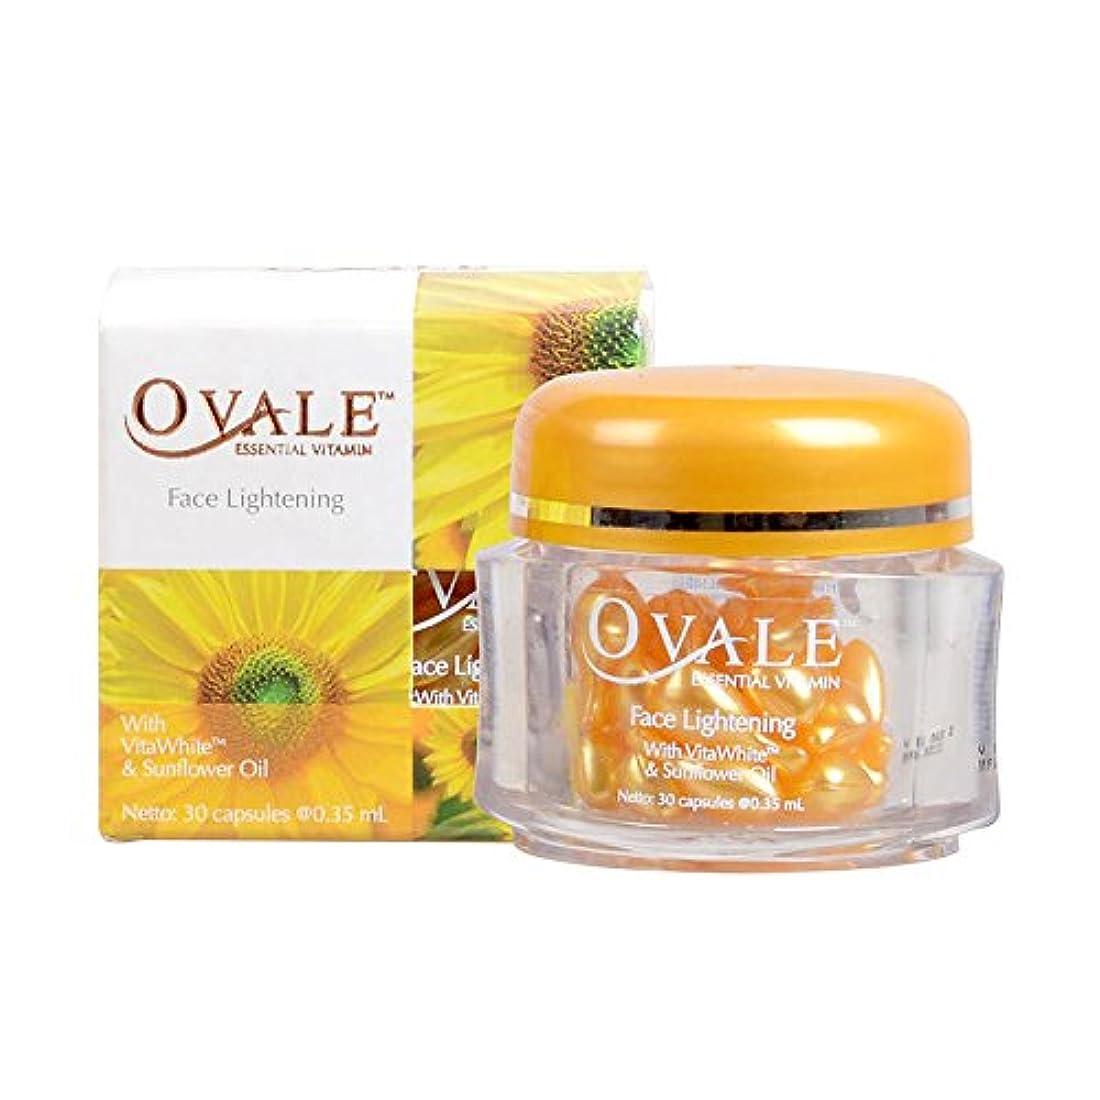 ケープ朝食を食べる高架Ovale オーバル フェイスビタミン essential vitamin 30粒入ボトル サンフラワー バリ島 bali [海外直送品]